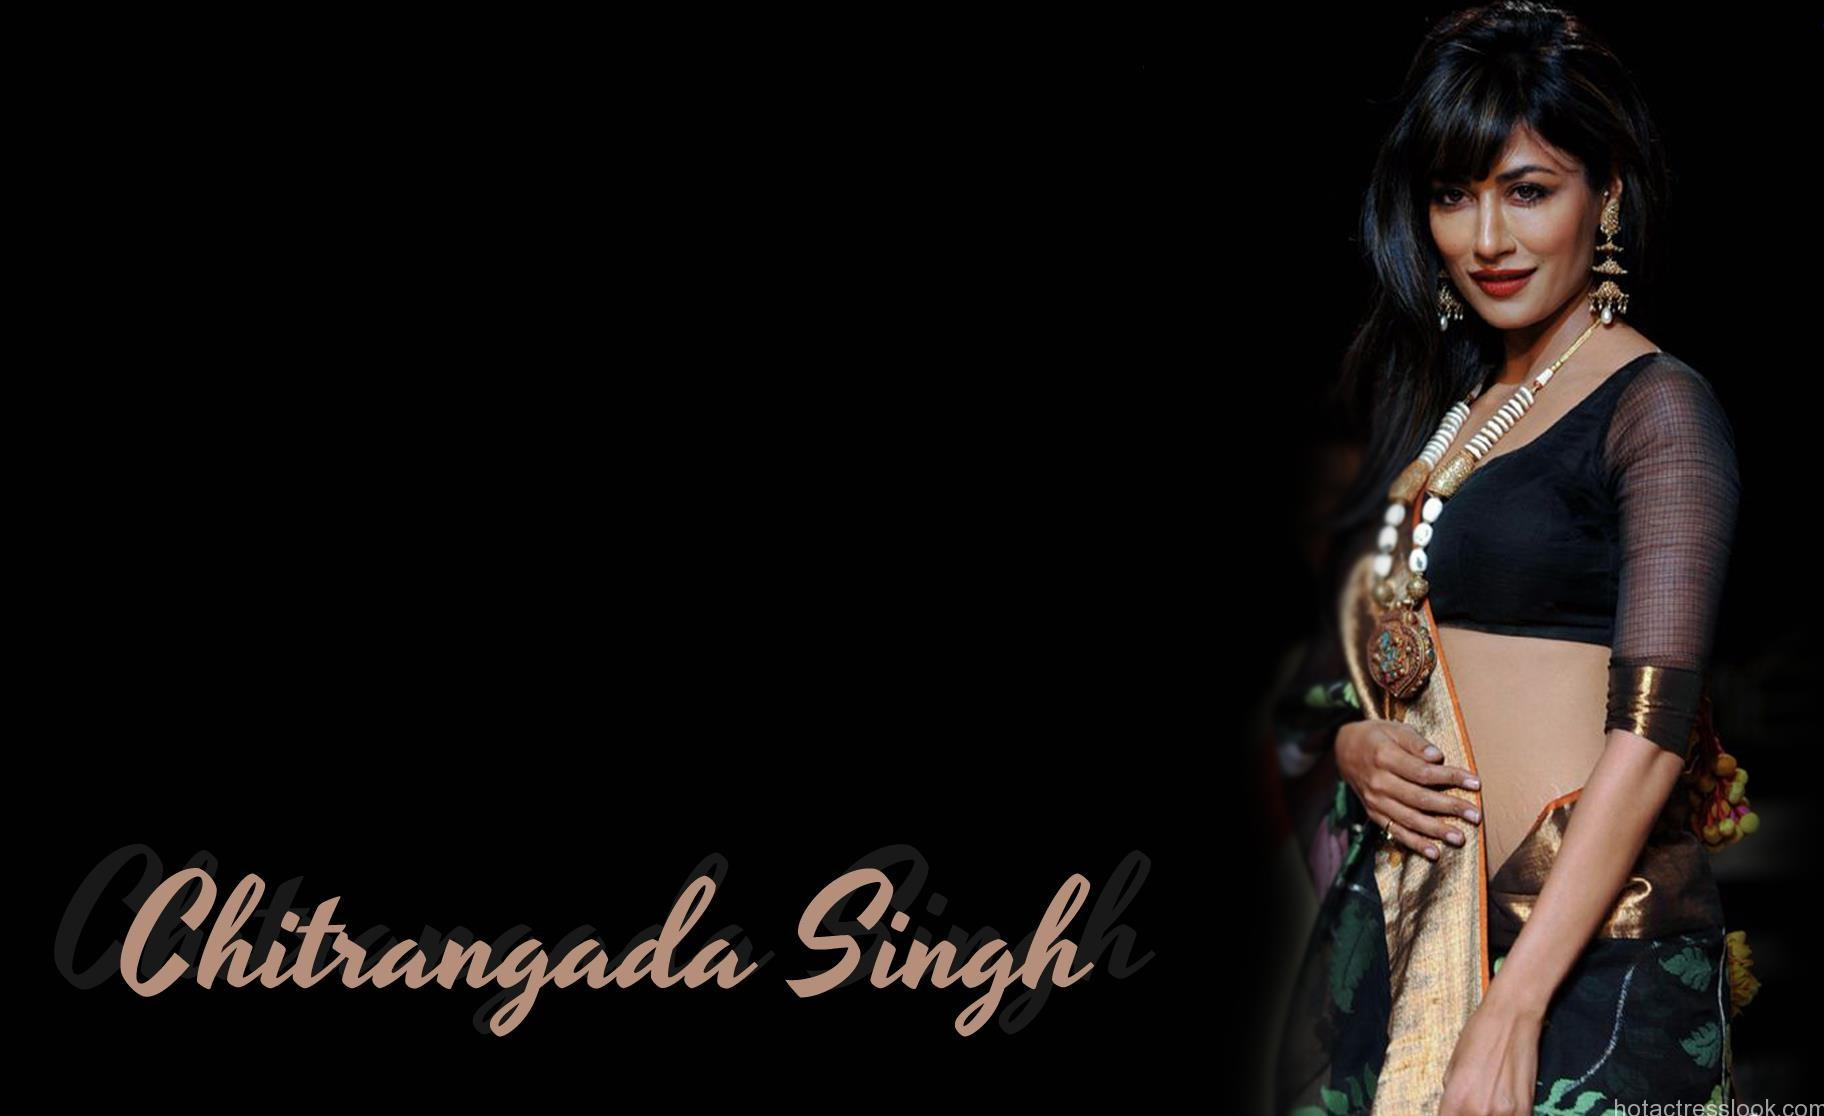 Hot Chitrangada Singh sexy